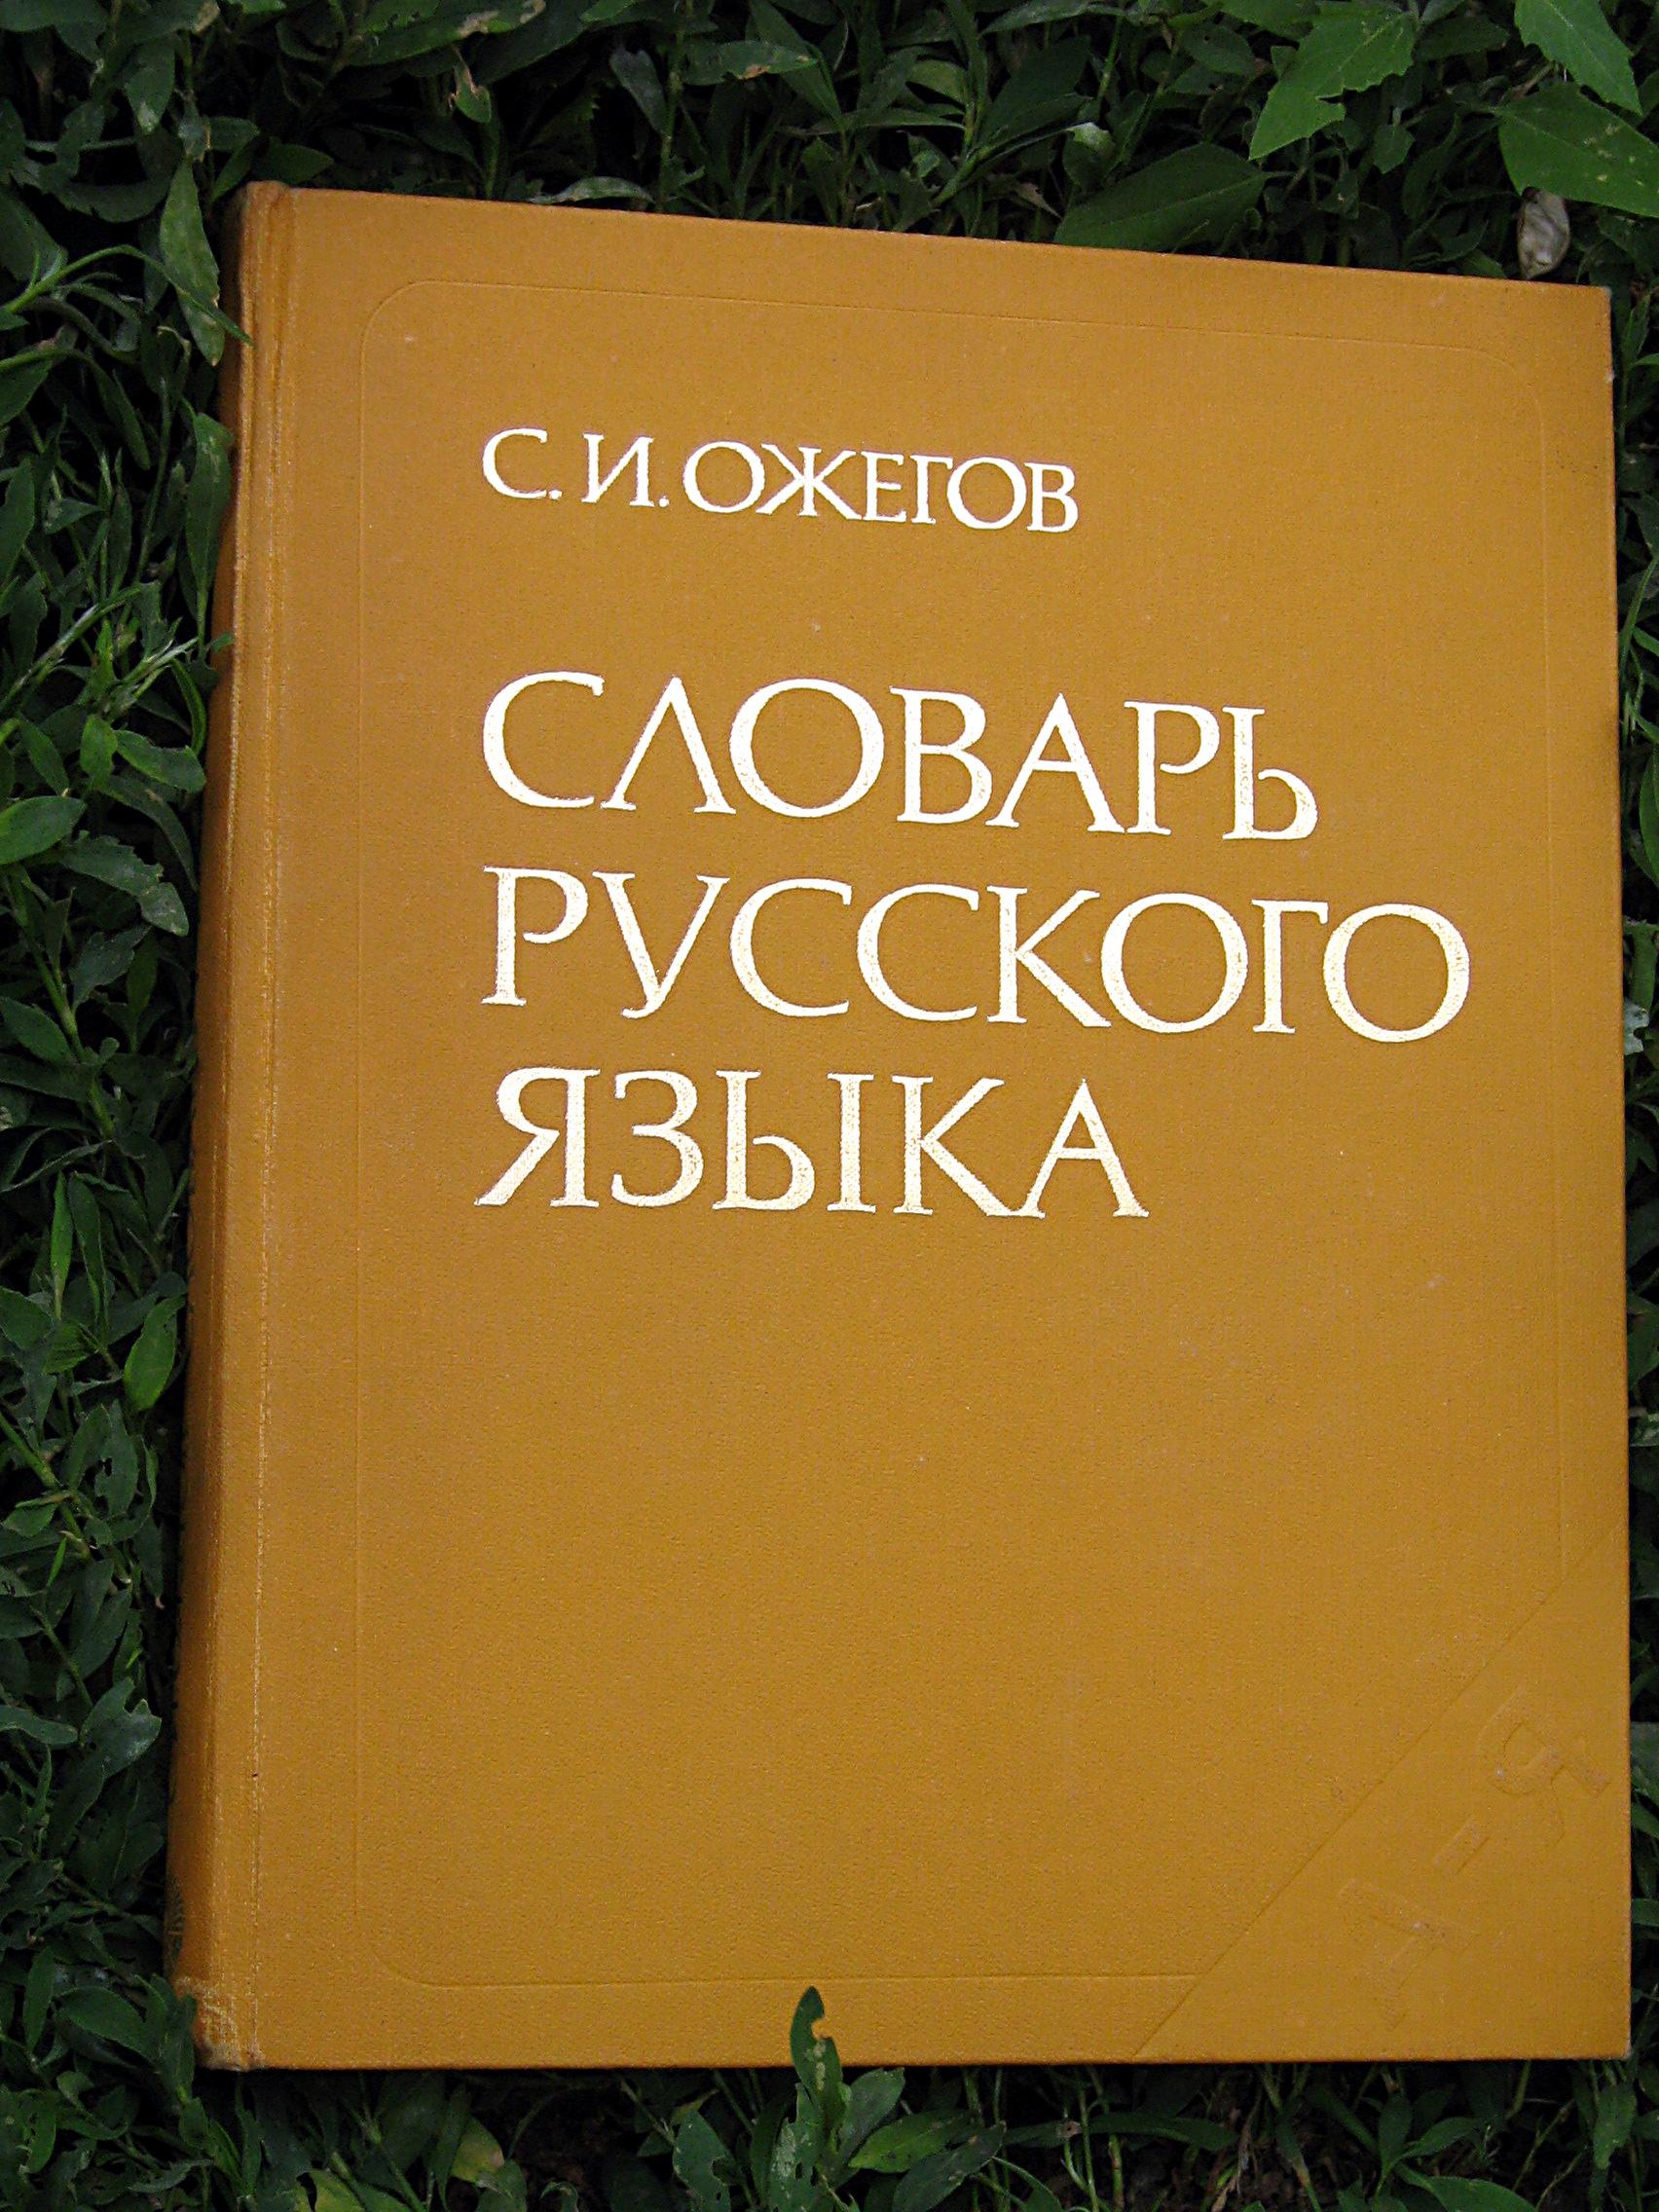 Доклад про словари русского языка 2112